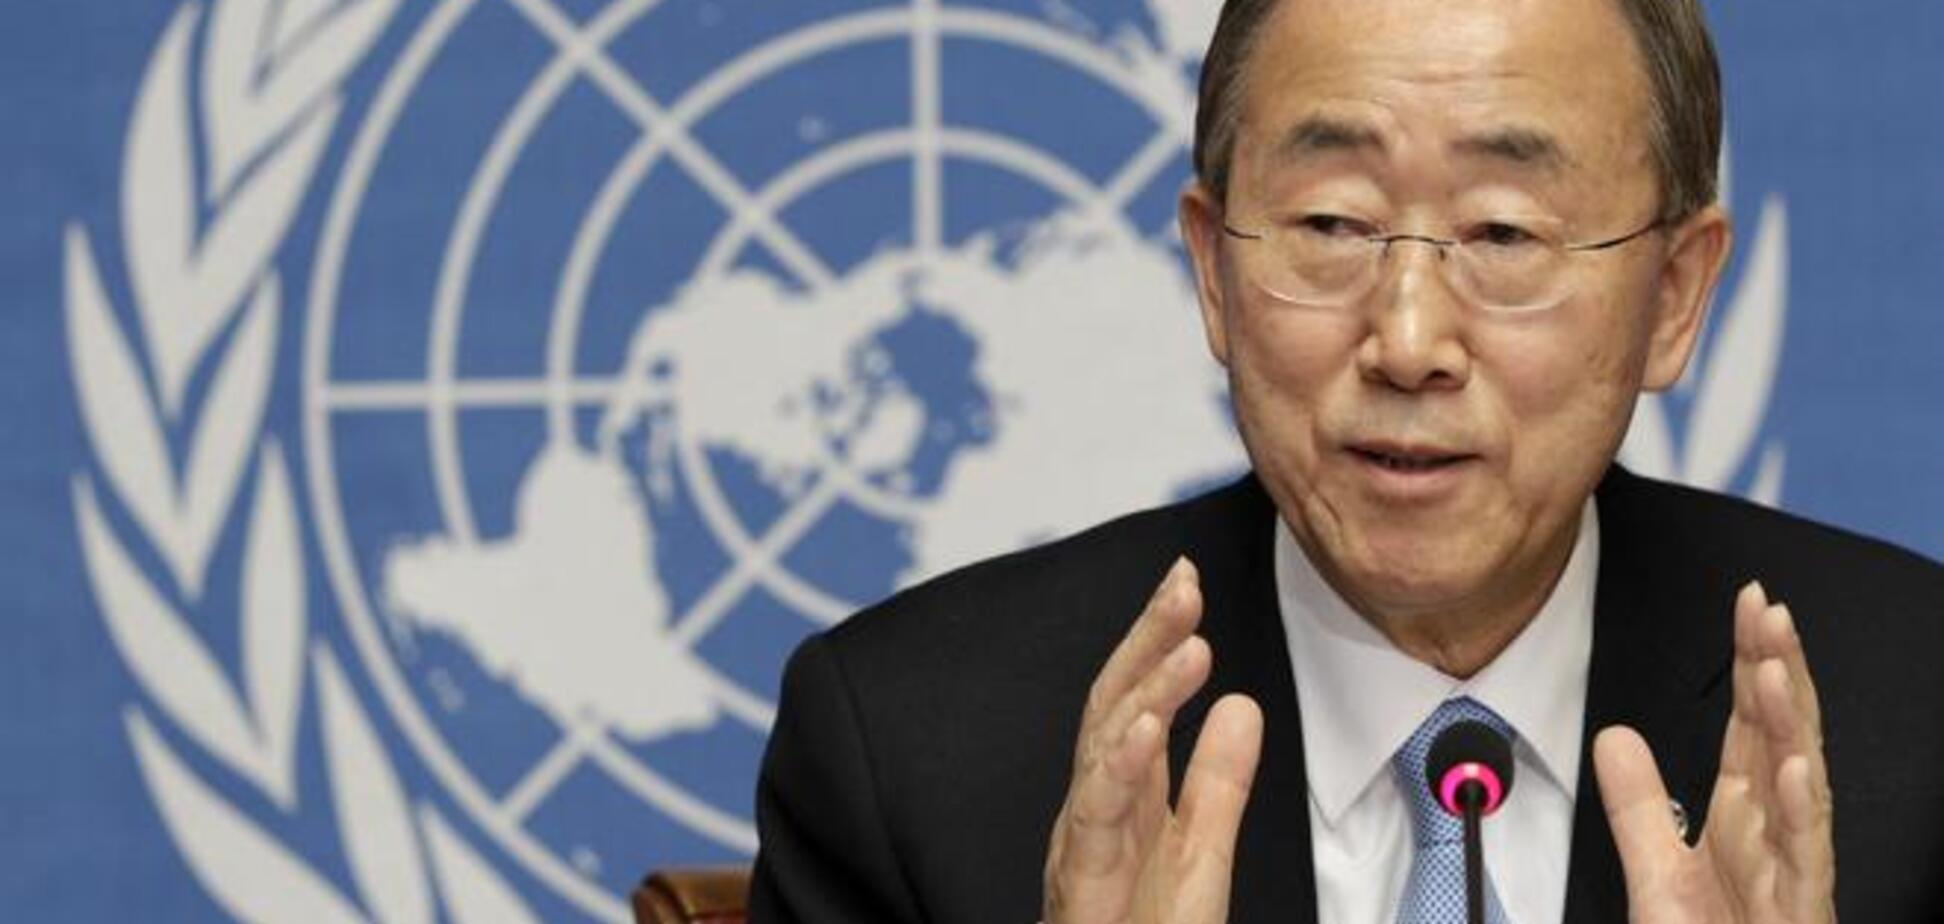 Генсек ООН особисто запропонував допомогти залагодити ситуацію в Україні